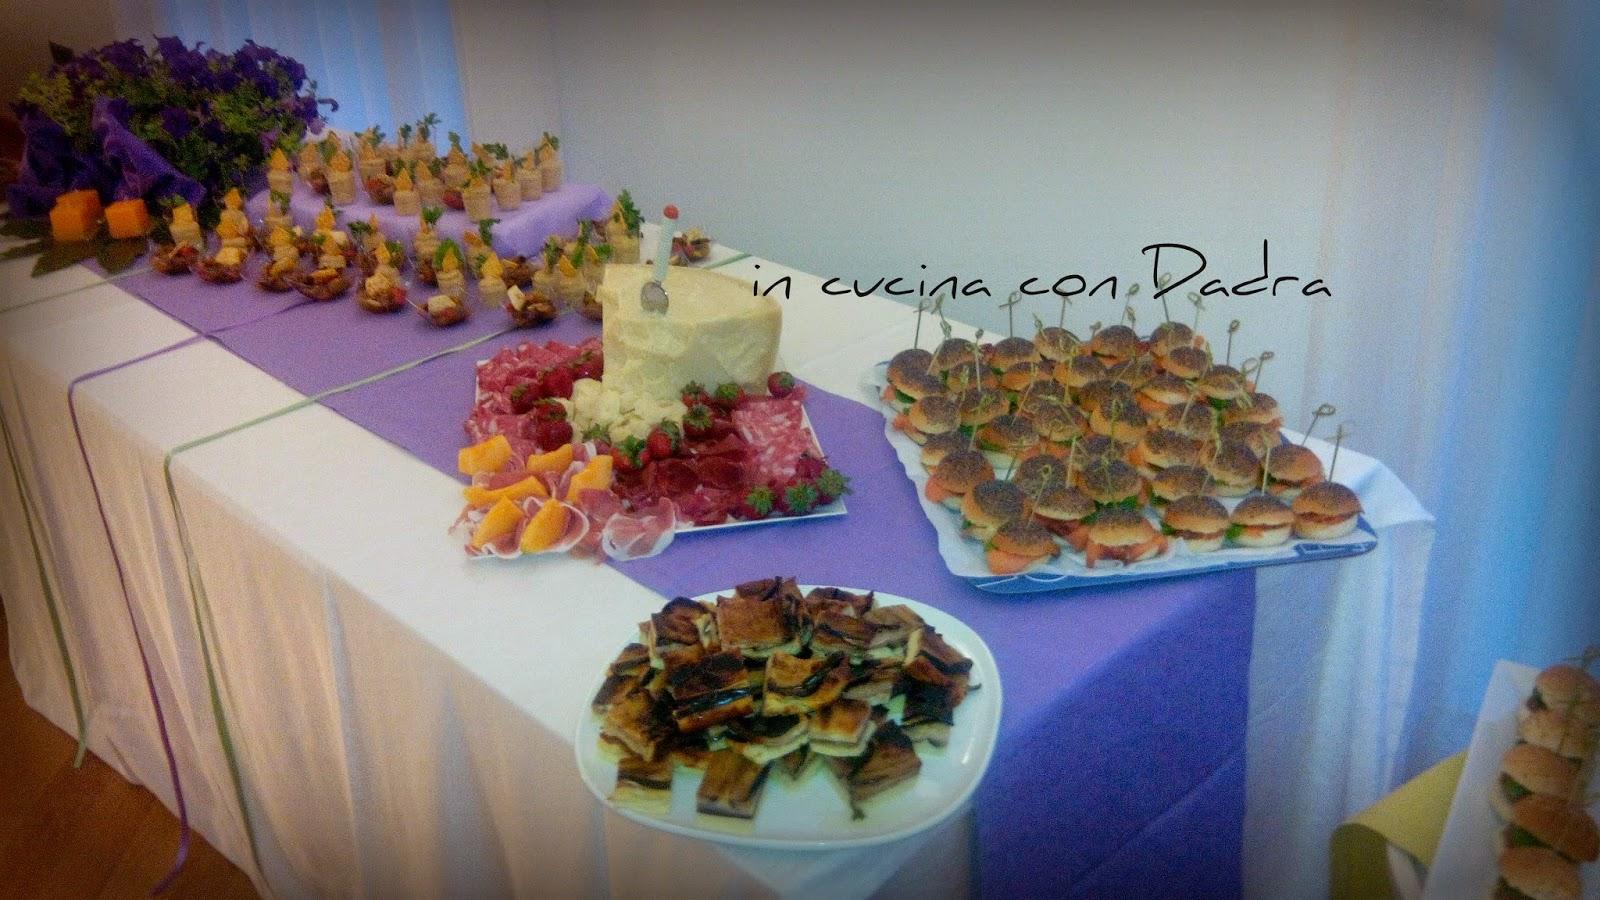 Domicilio (gluten Free) Per La Comunione Di Sofia E Simona #2C397E 1600 900 Come Addobbare La Sala Da Pranzo Per Natale